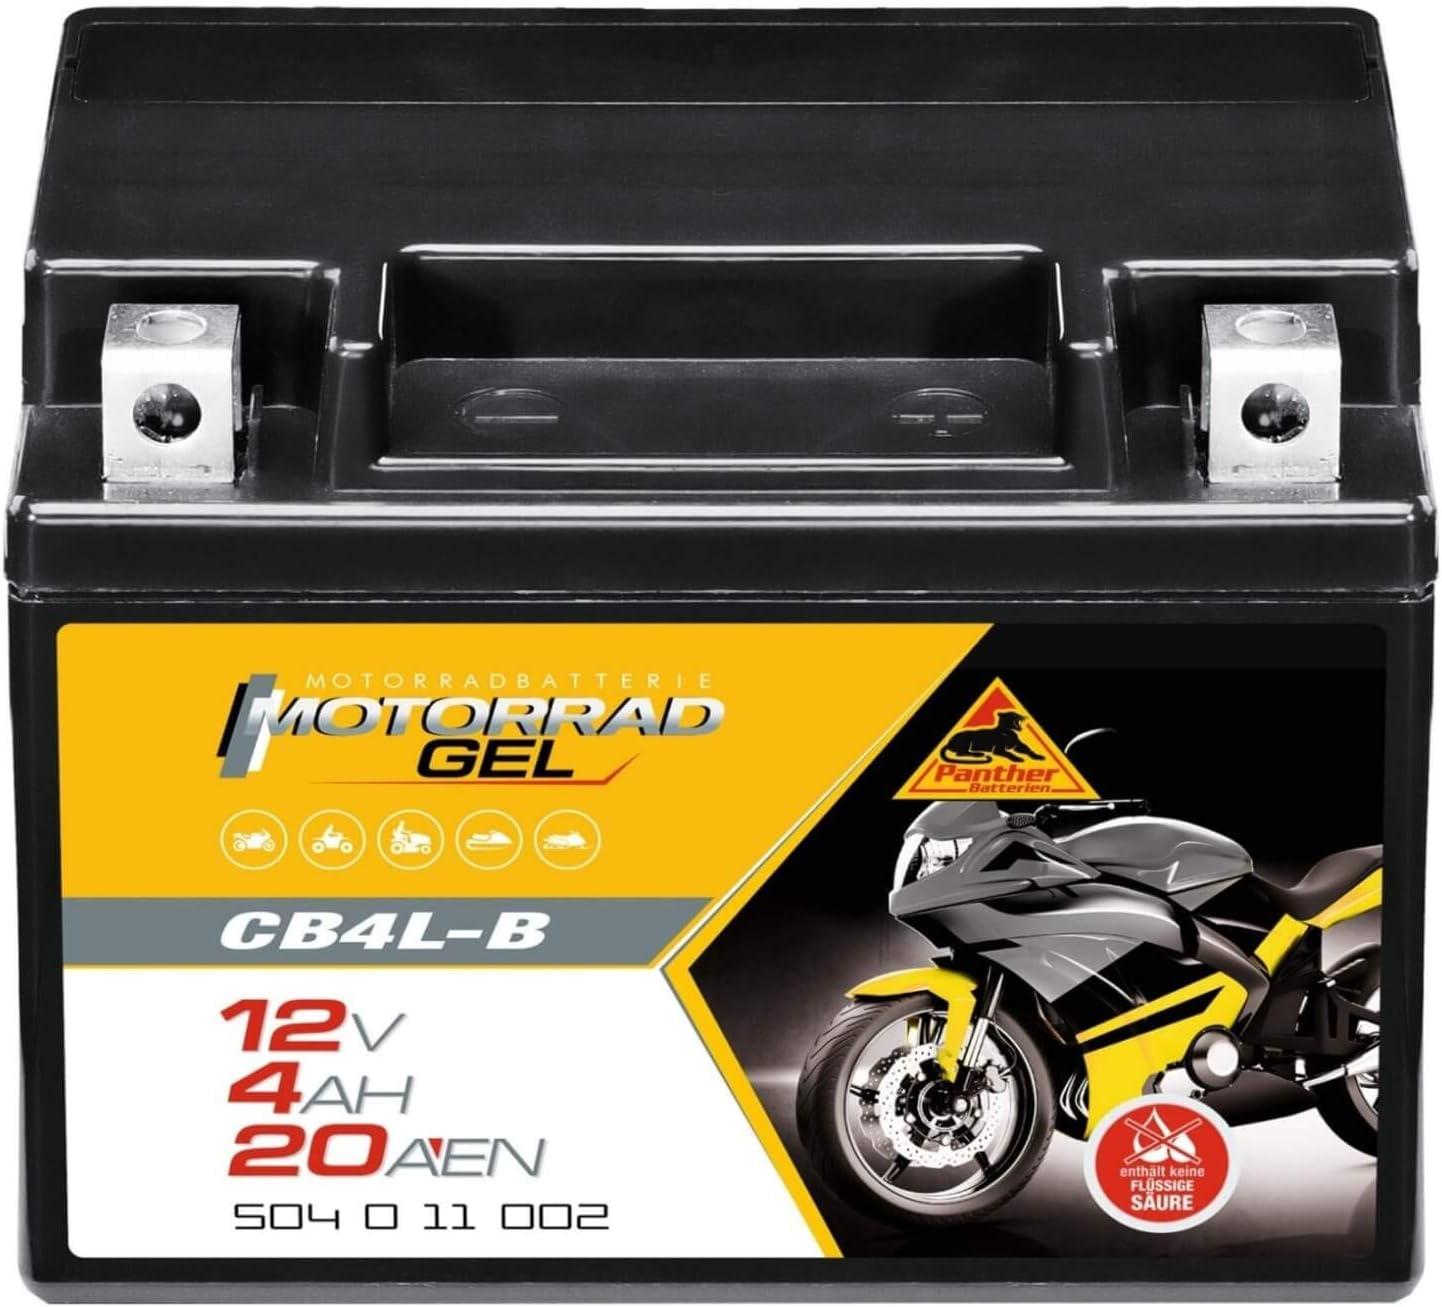 Panther Gel Batterie 12v 4ah 20a Yb4l B Motorradbatterie Din 50411 Quad Cb4l B Auto